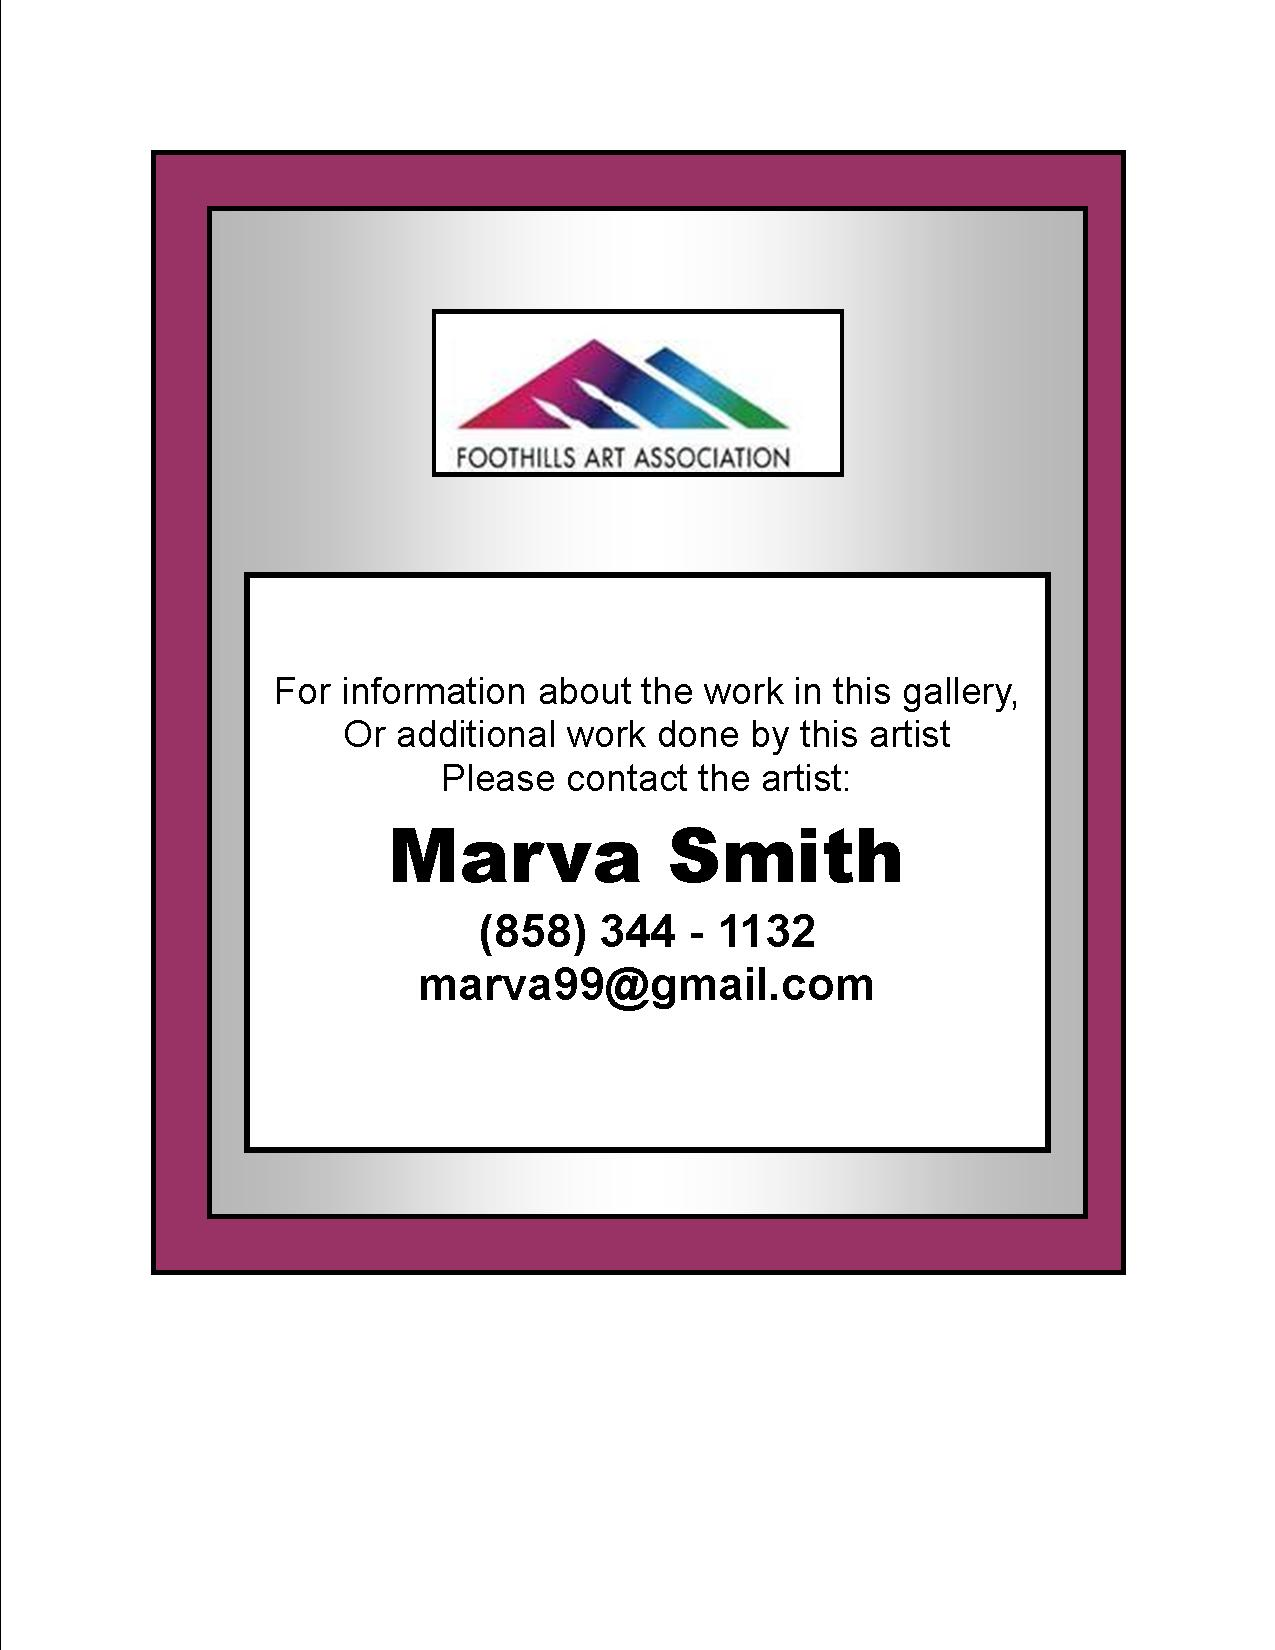 Marva Smith